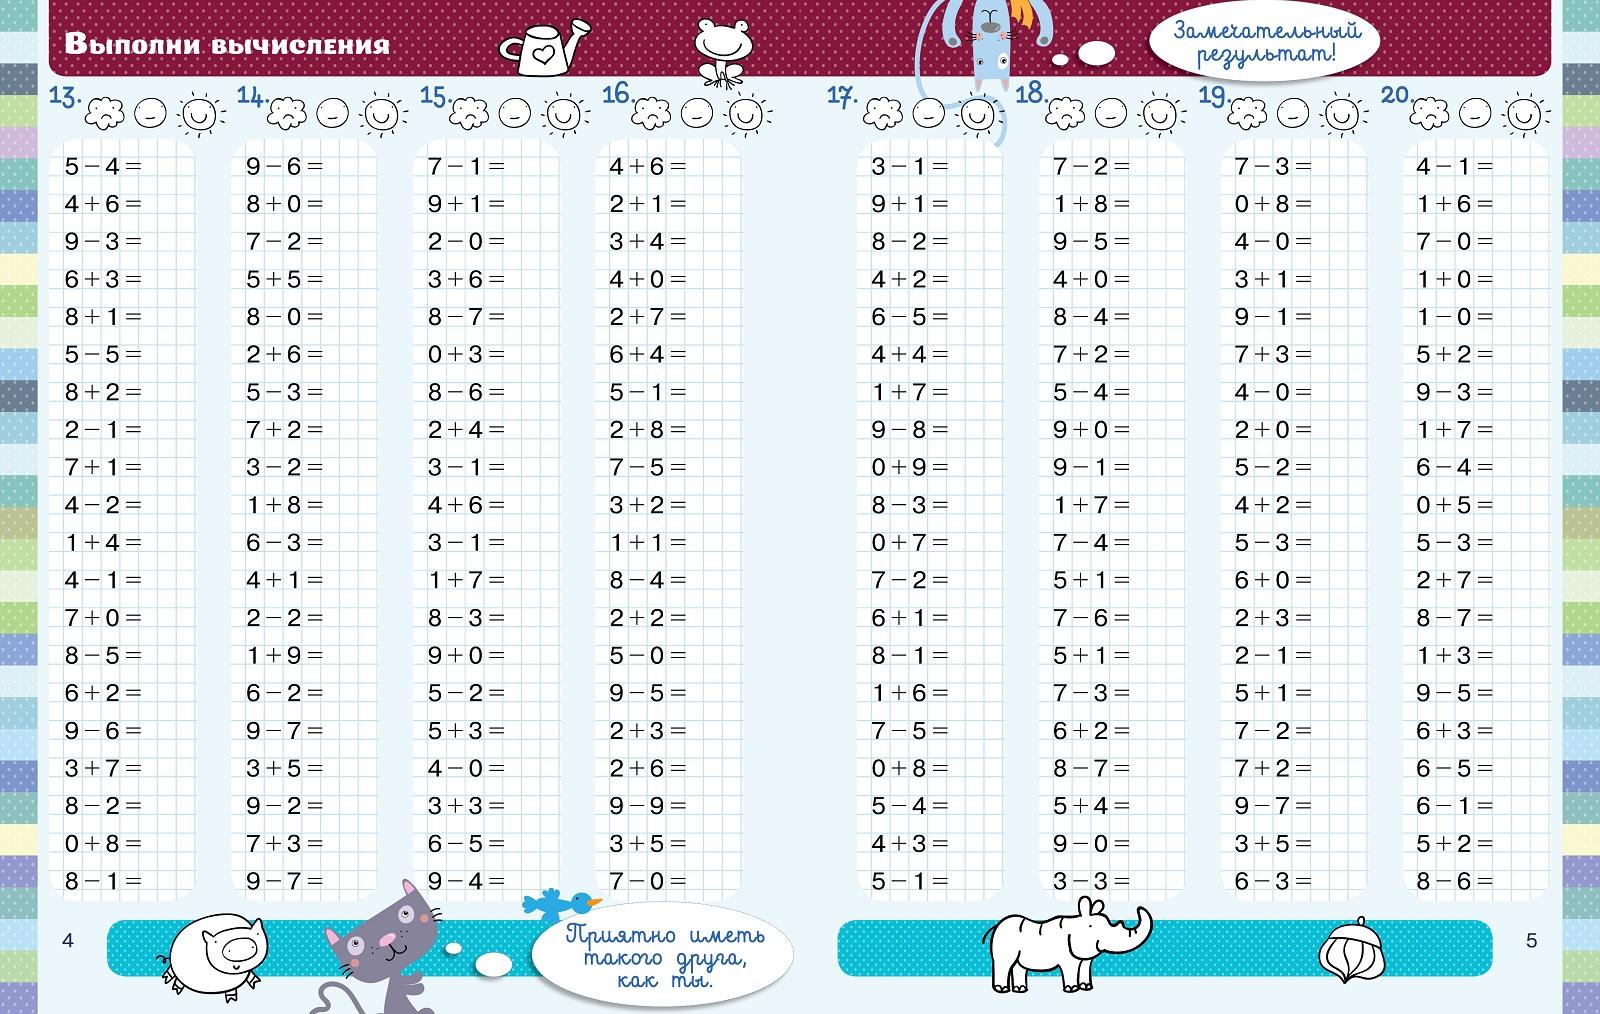 Русский Язык Учебник 7 Класс Разумовская 2006 Год